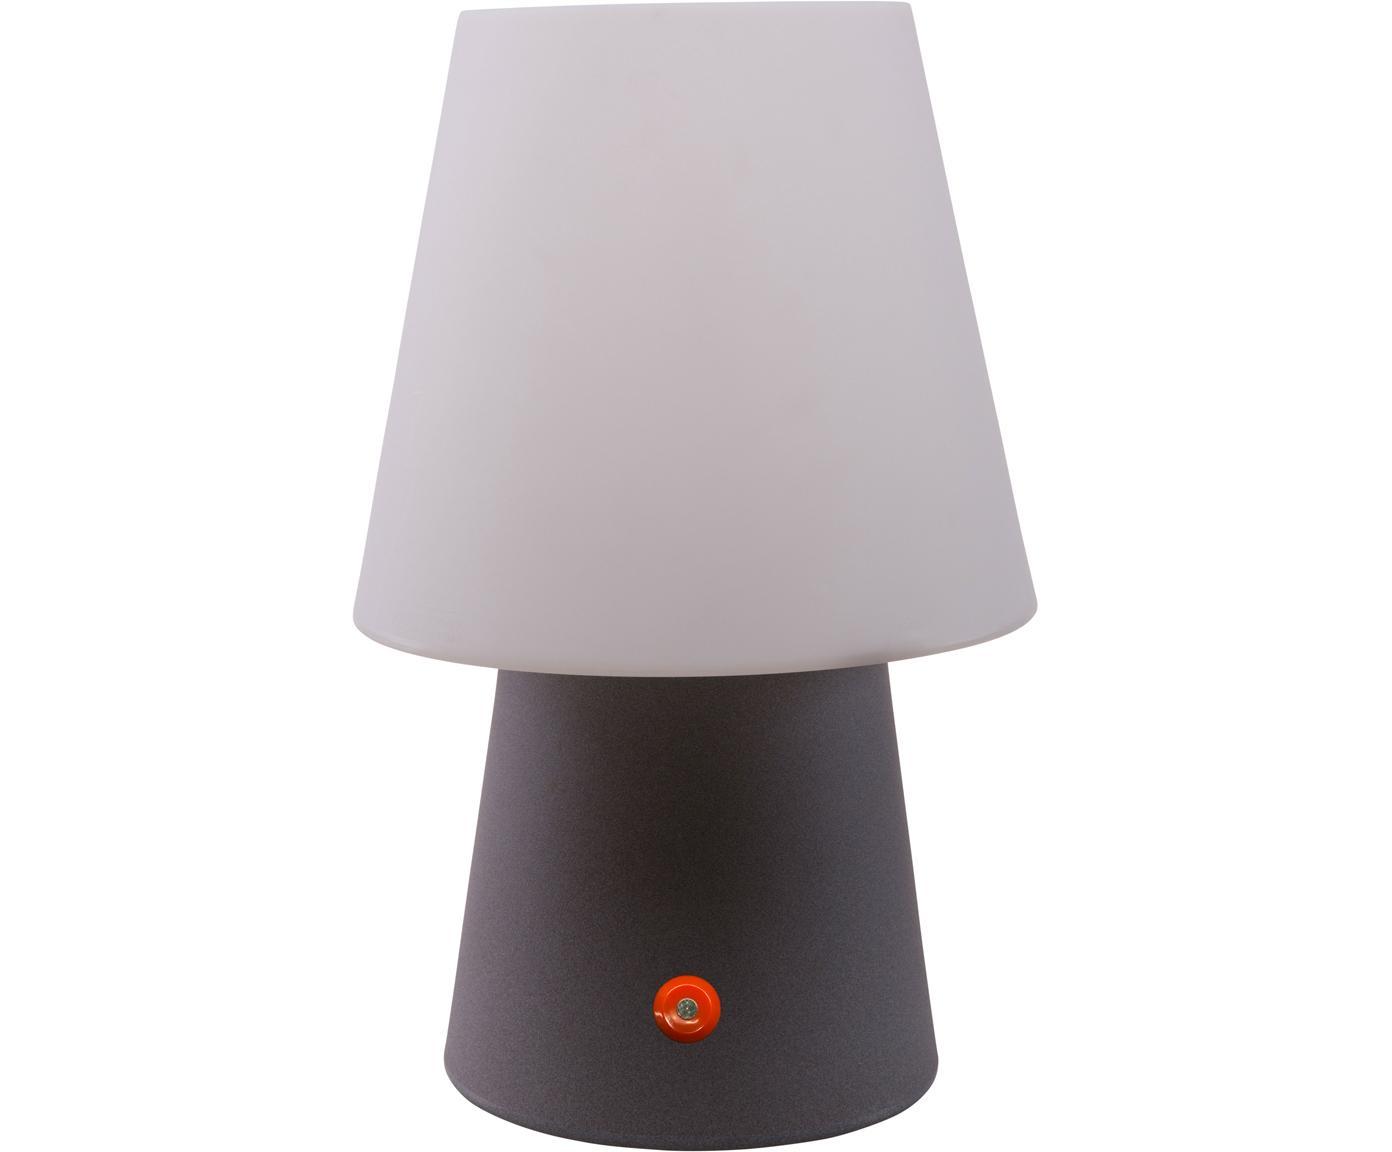 Mobilna lampa stołowa No. 1, Tworzywo sztuczne, Biały, taupe, Ø 18 x W 29 cm